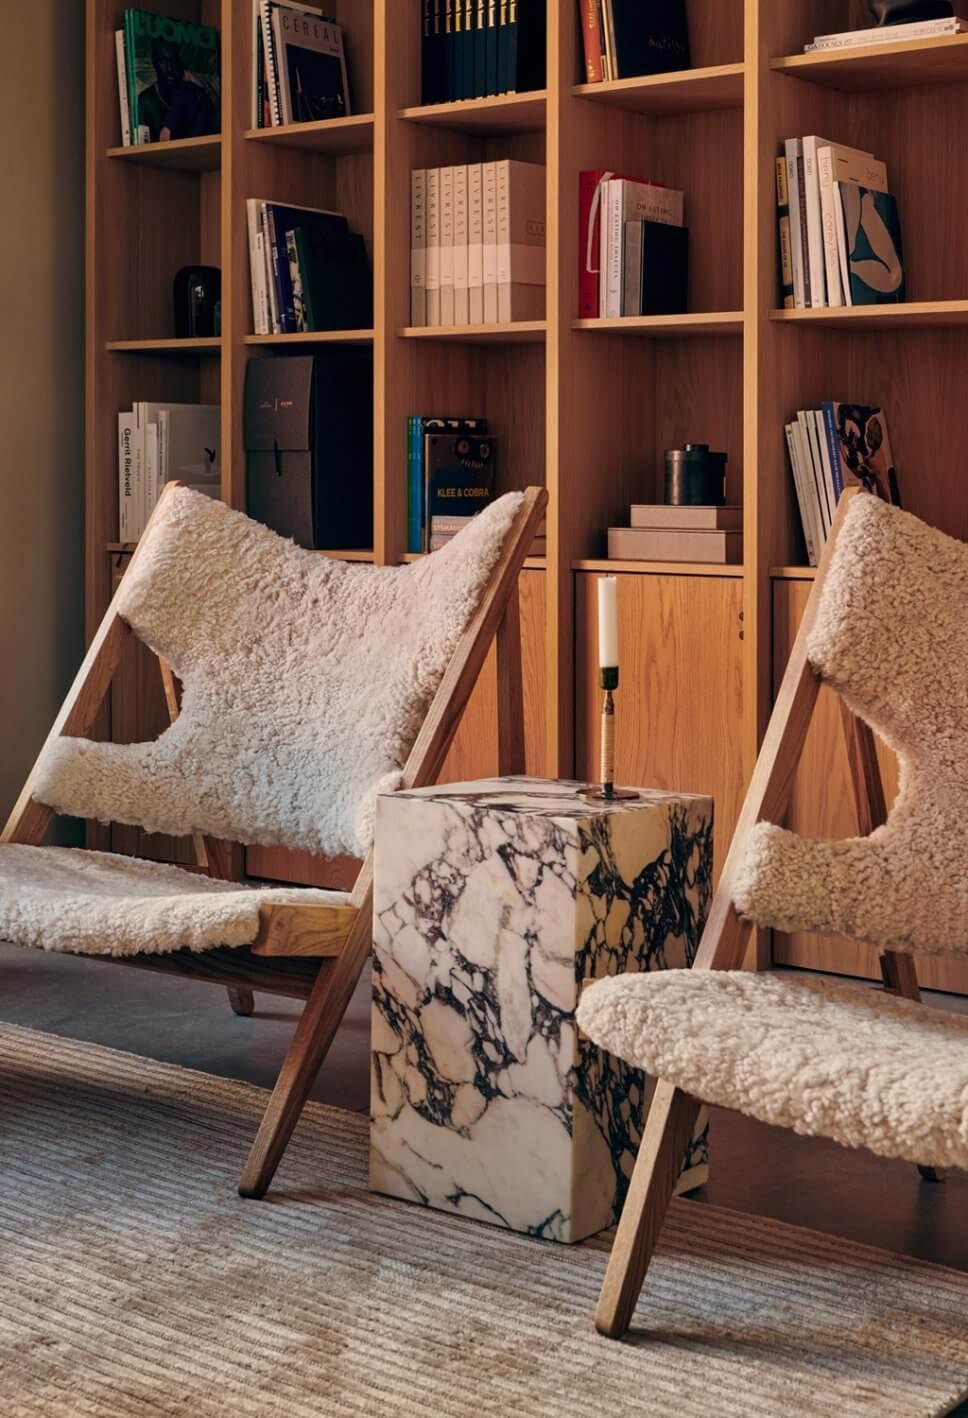 Modernes Wohnzimmer mit zwei mit Schaffell bezogenem Sesseln